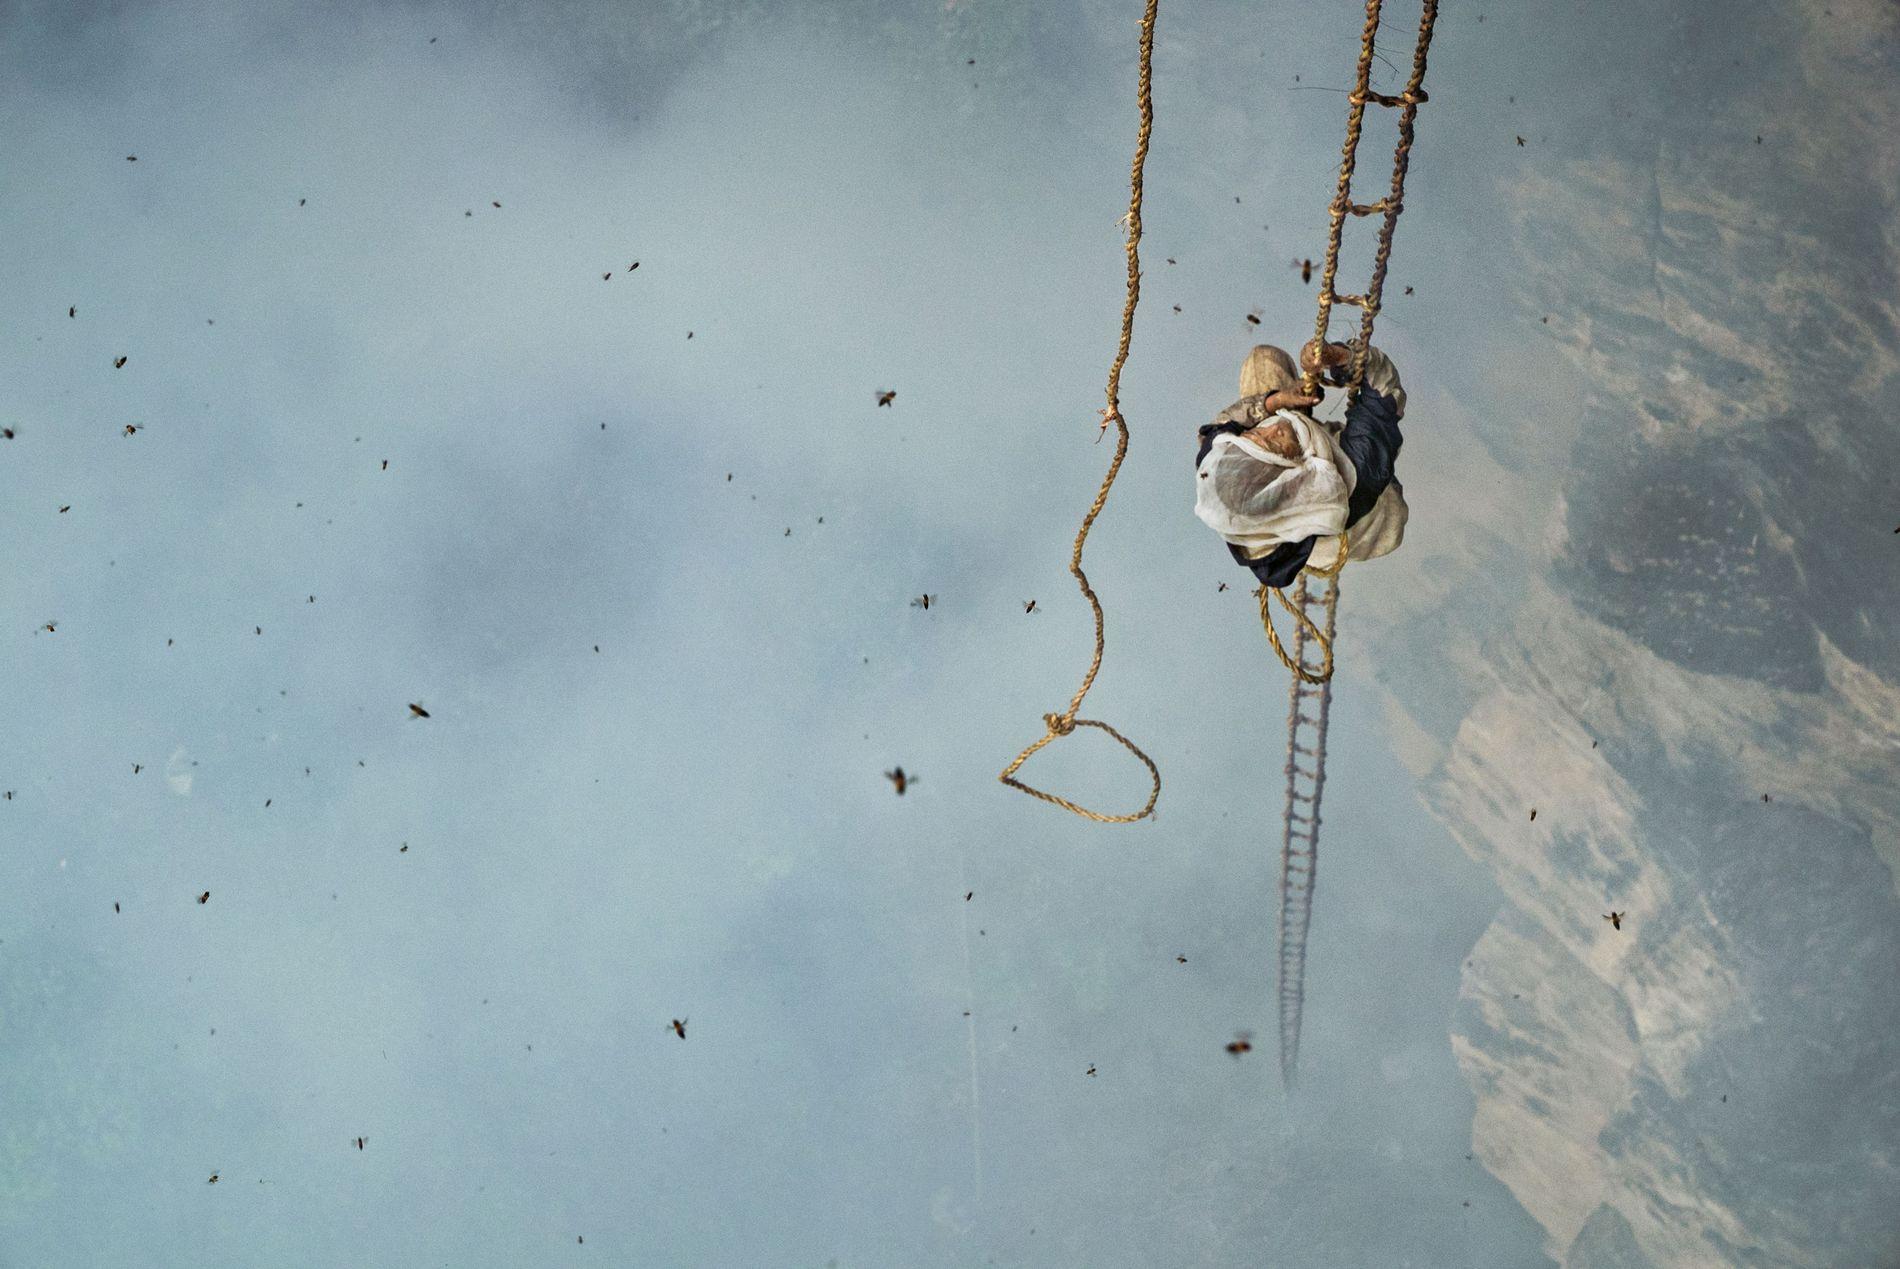 Kliffhänger: Mauli Dhan klettert eine dreißig Meter lange Strickleiter hinauf, um seine Beute zu erreichen – ...